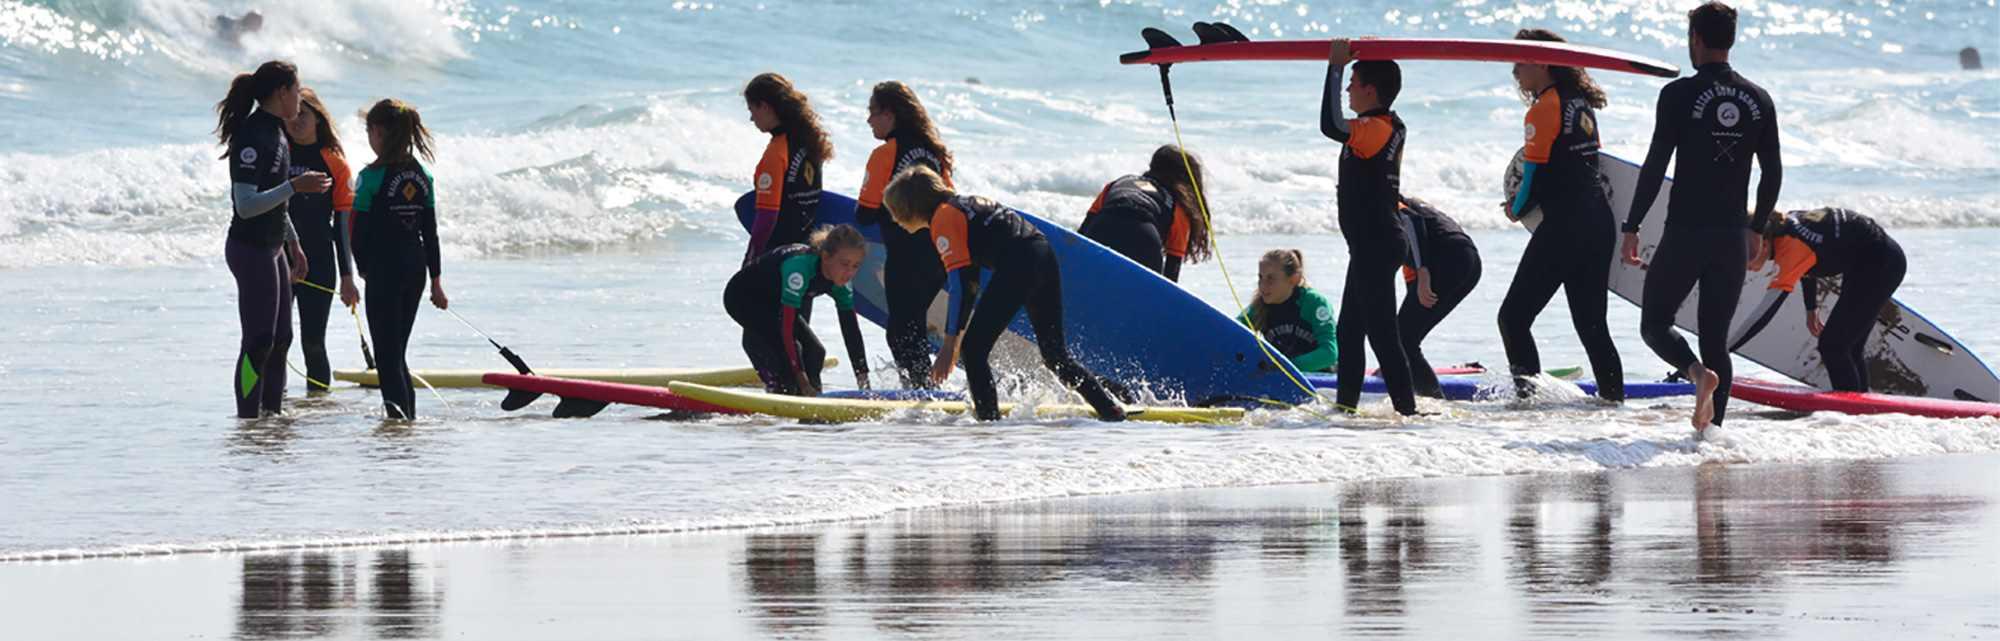 Watsay tu escuela de surf en Cantabria